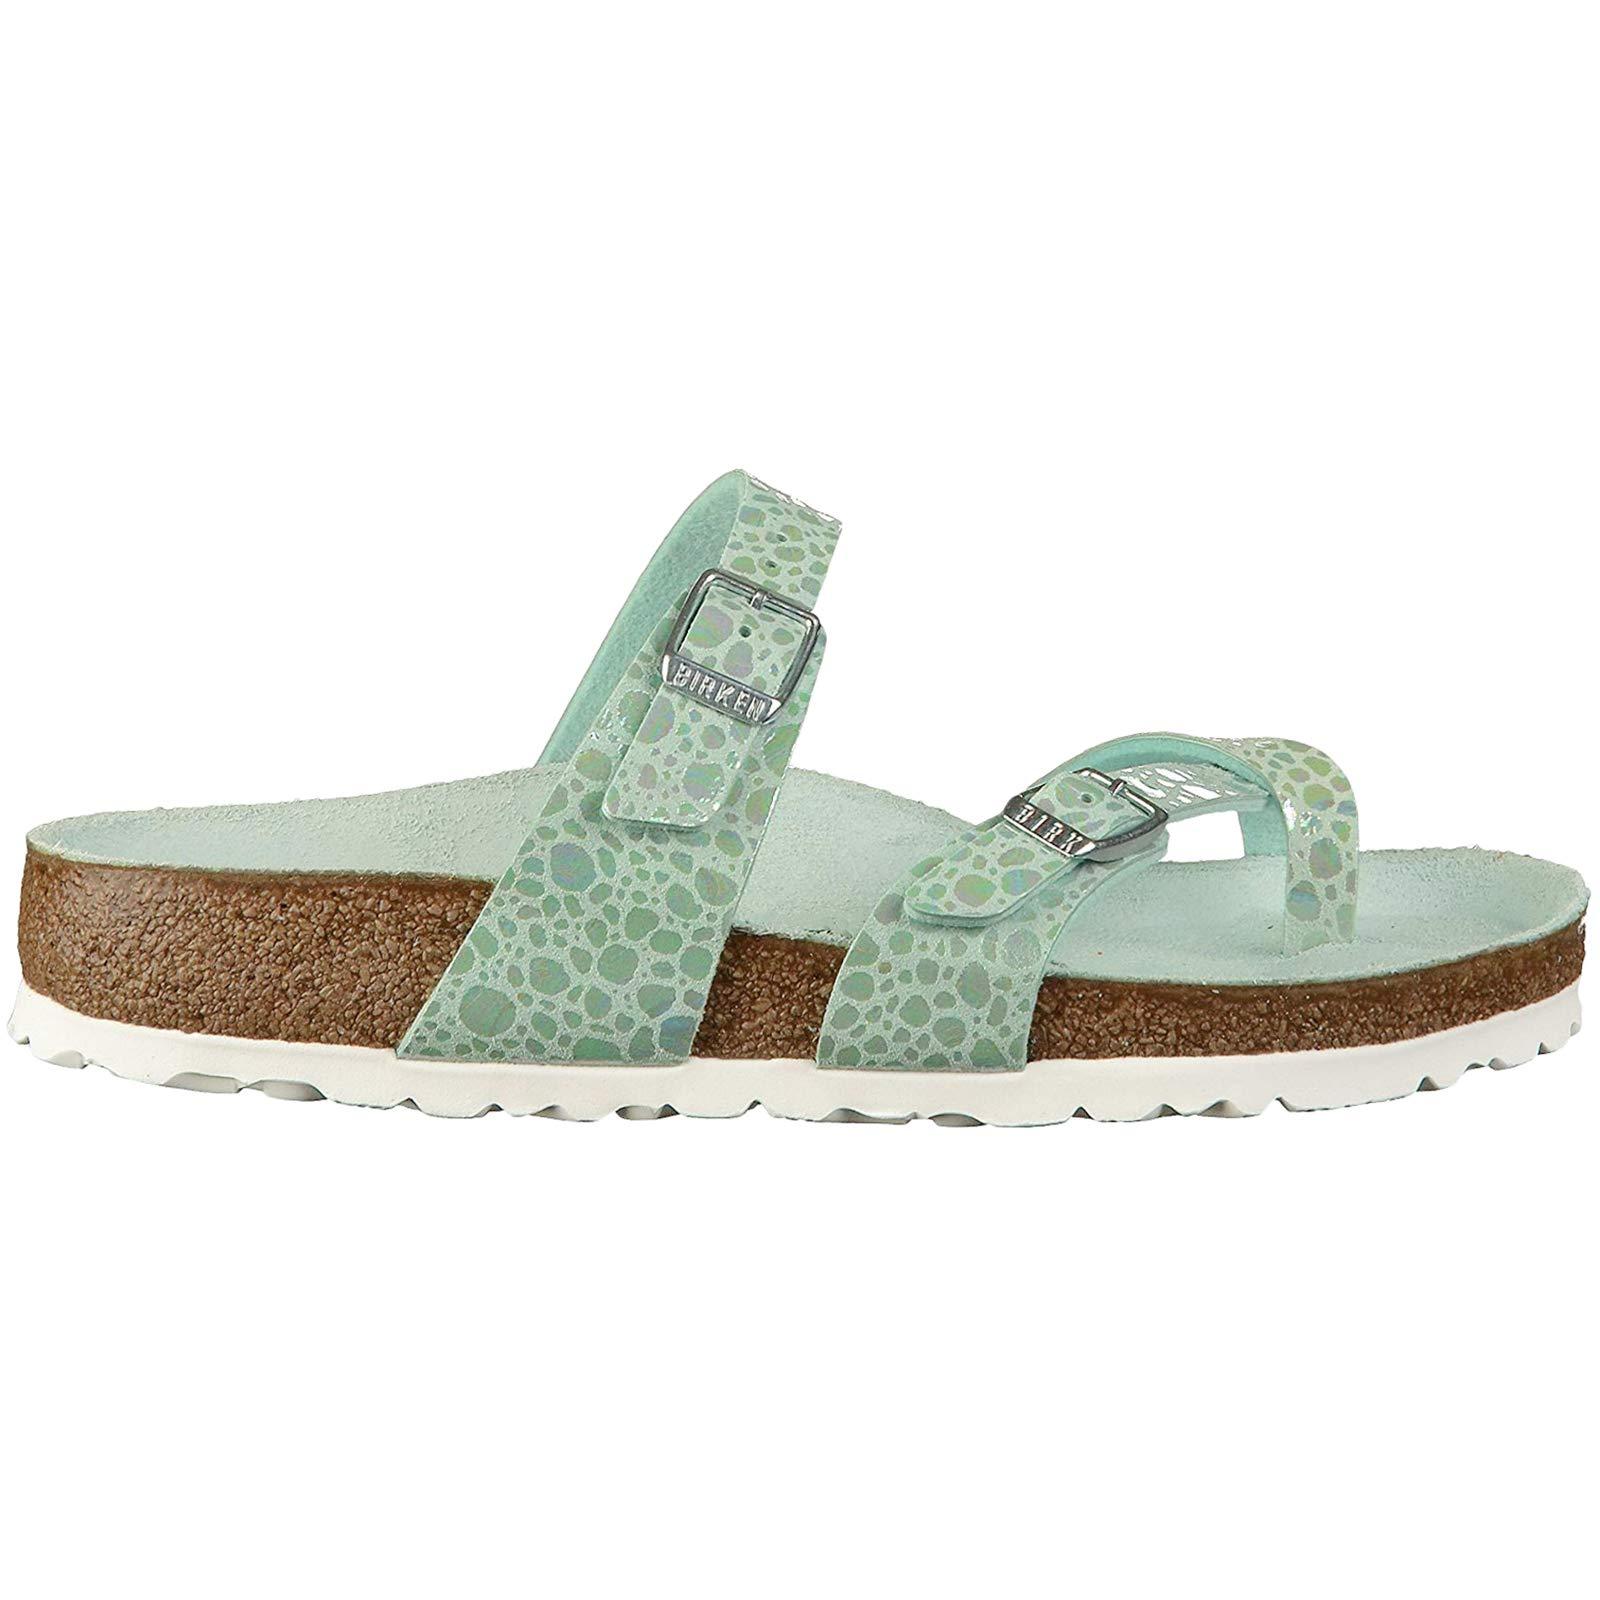 Birkenstock Unisex Mayari Birko-Flor Aqua Sandals 7 W / 5 M US by Birkenstock (Image #1)